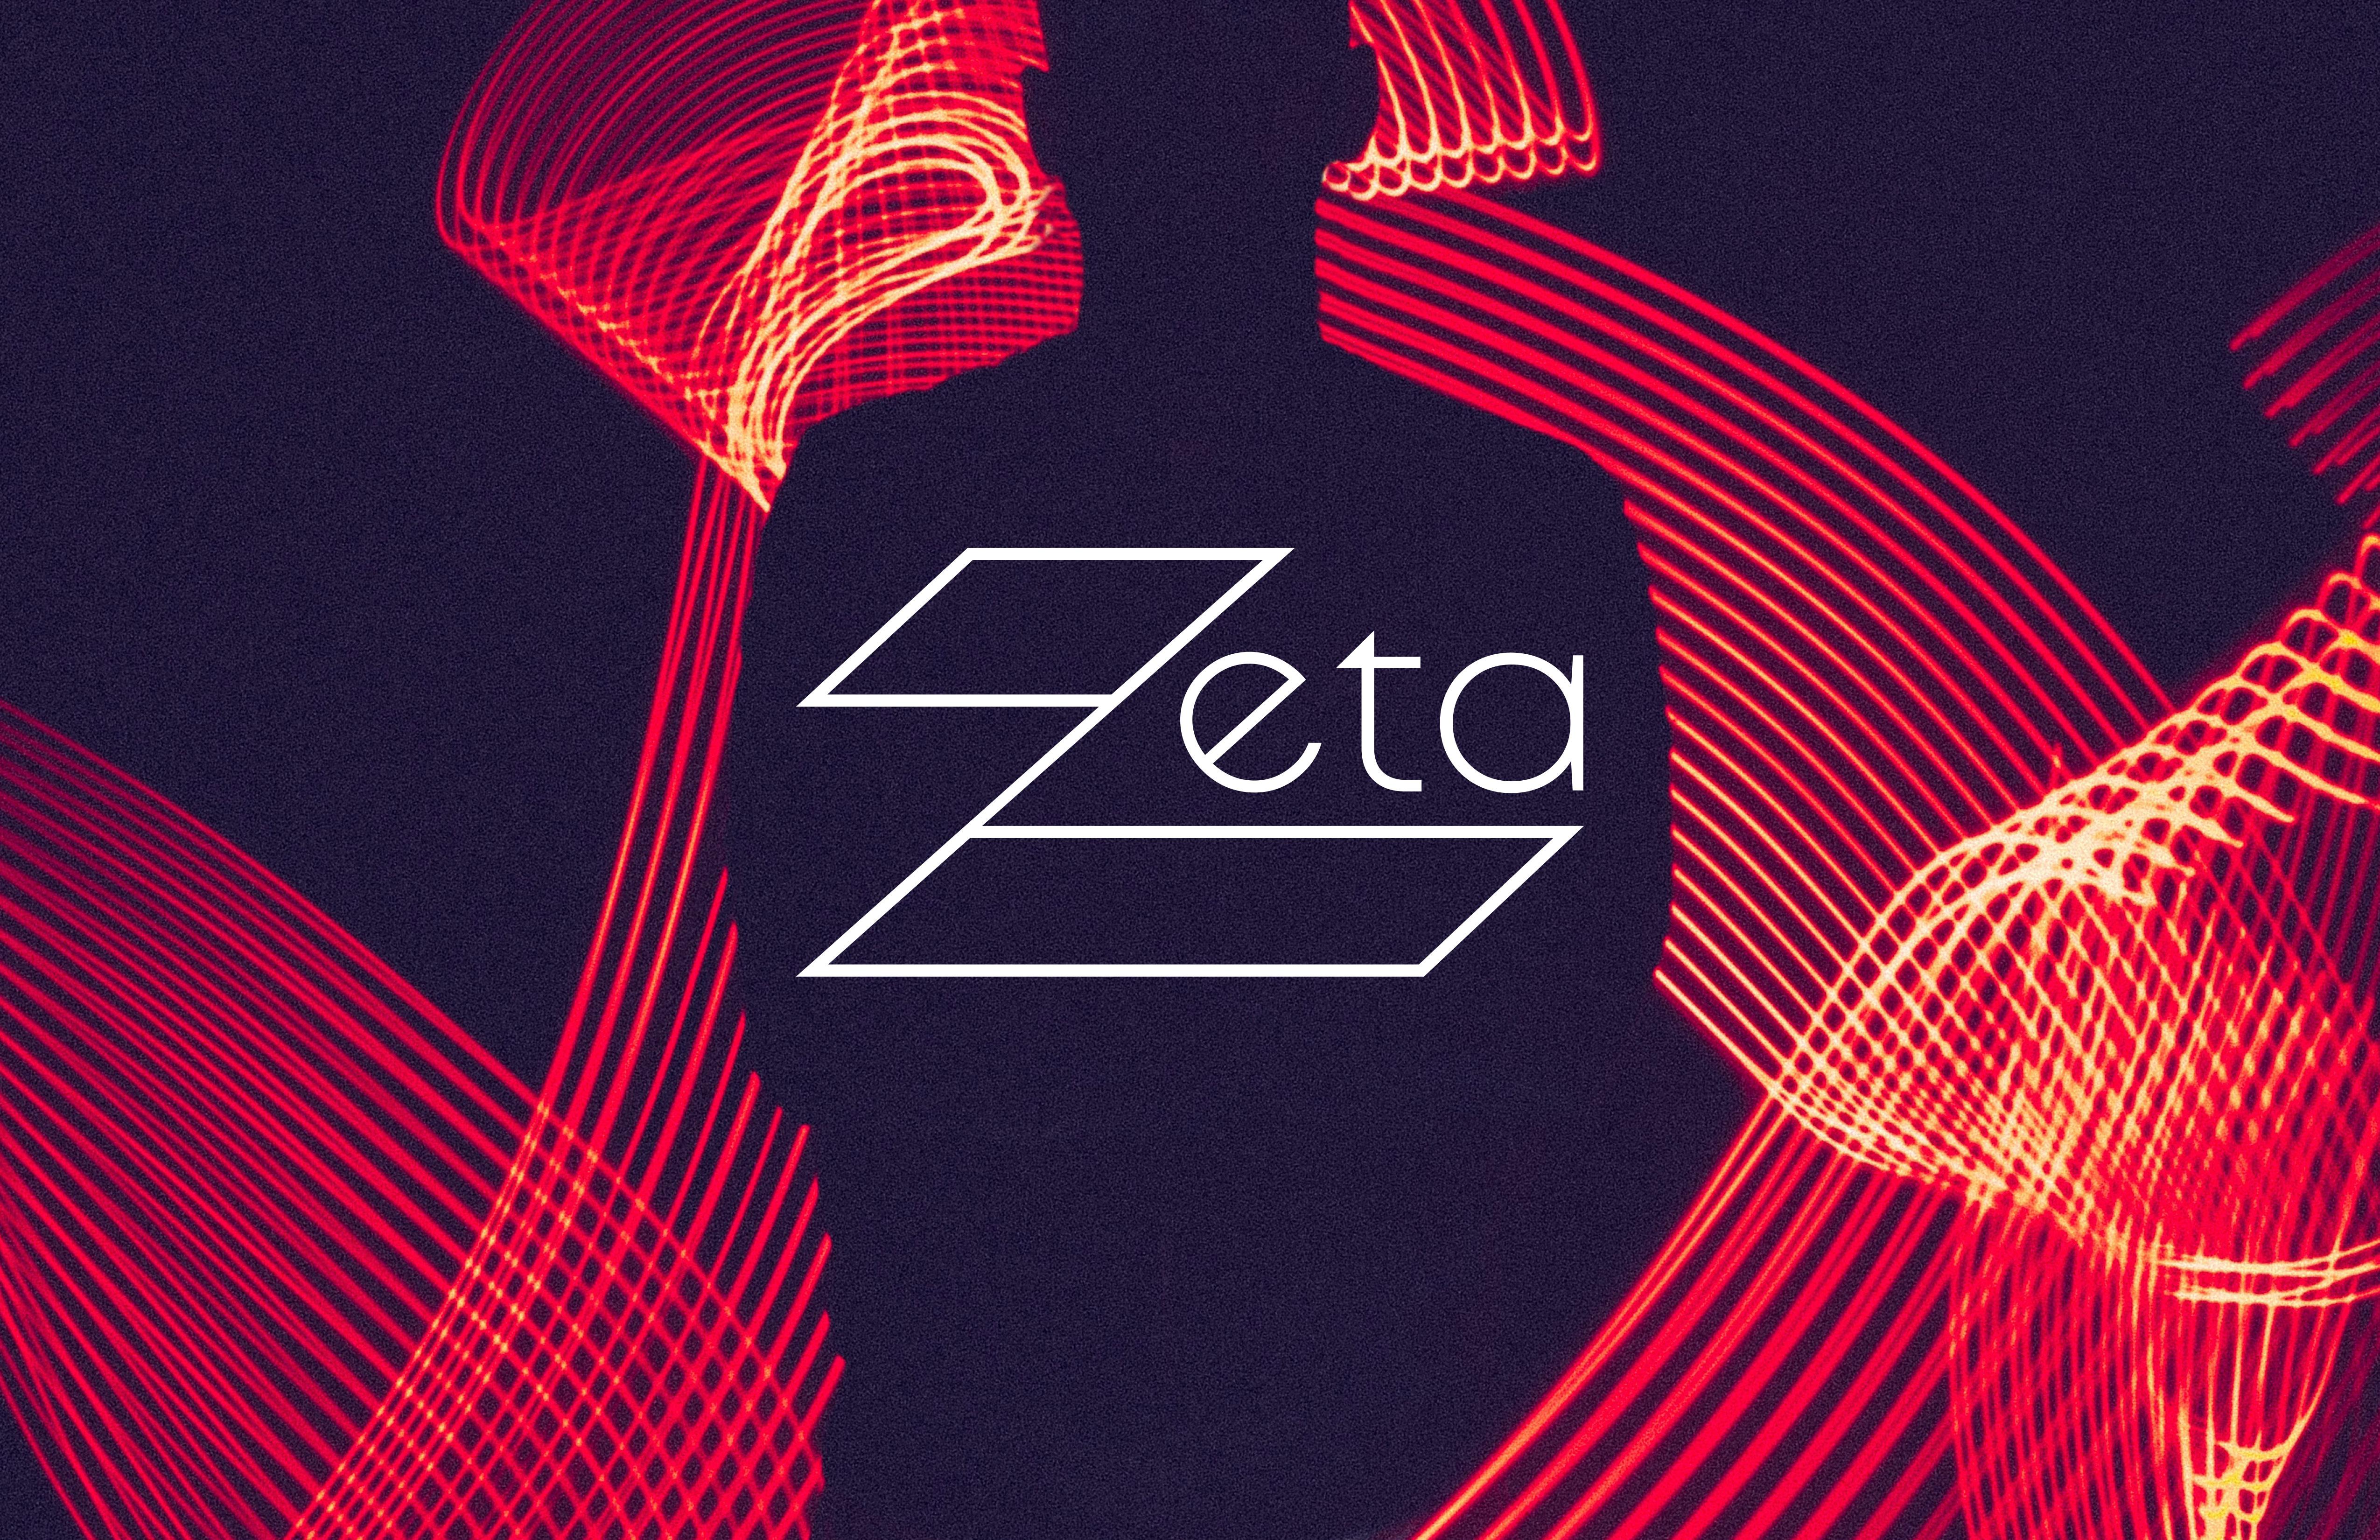 zeta hero image